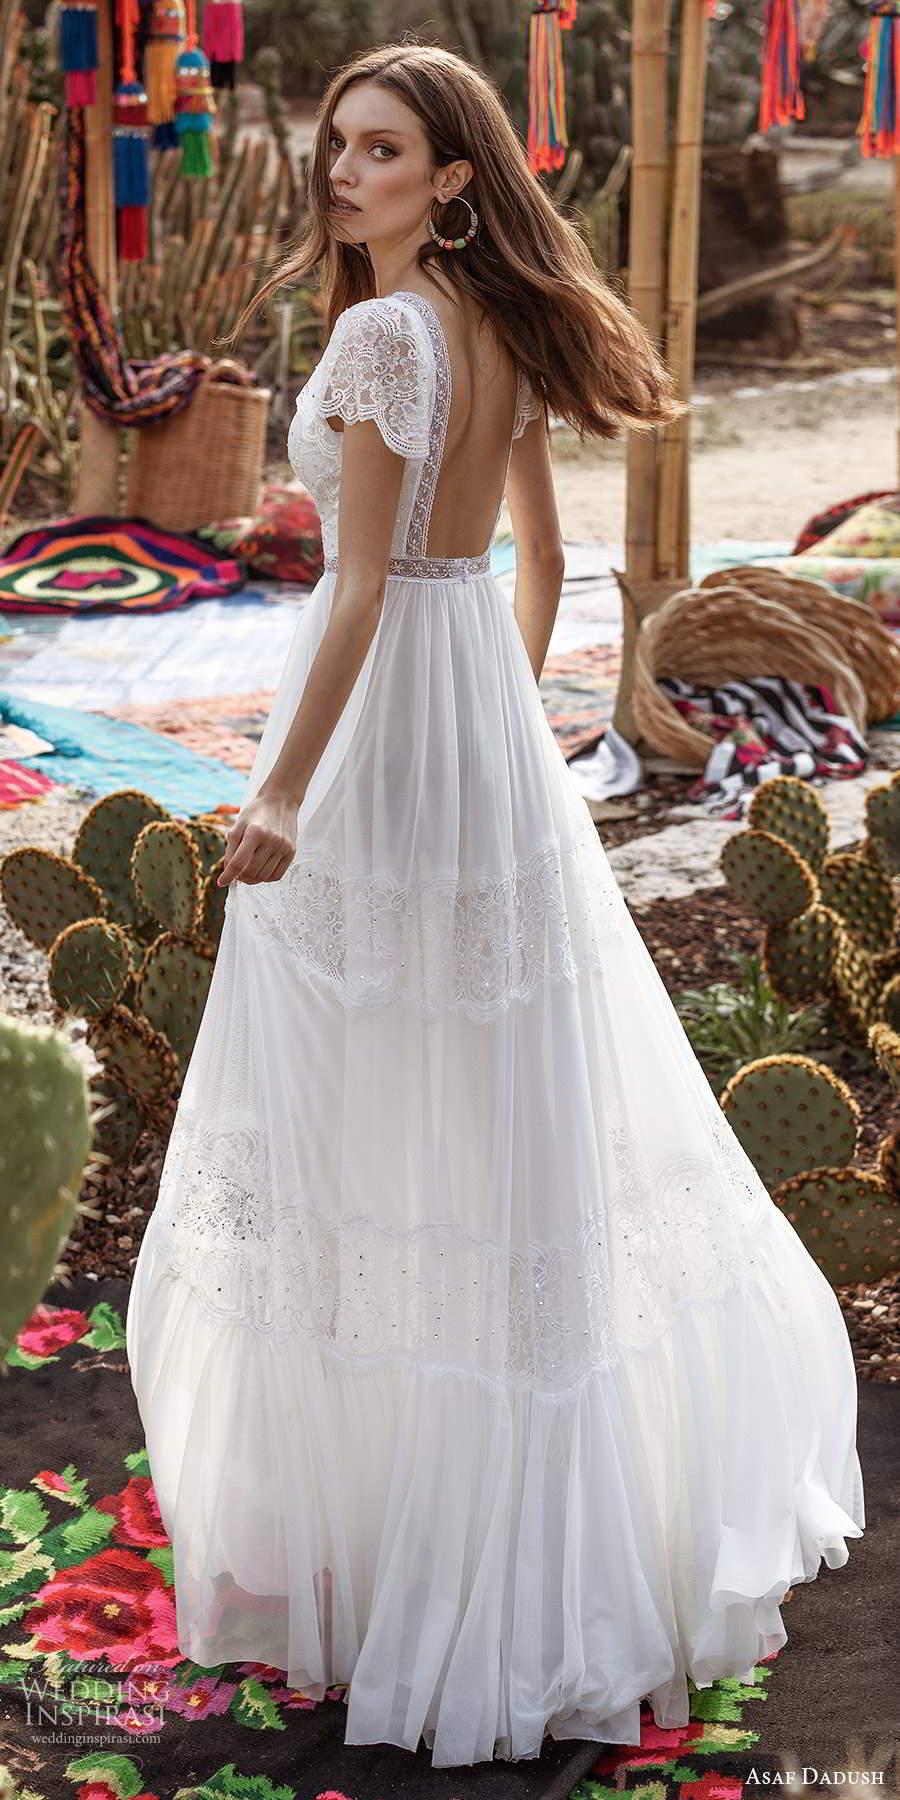 asaf dadush 2020 bridal short flutter sleeves plunging v neckline embellished lace boho a line wedding dress low back (1) bv